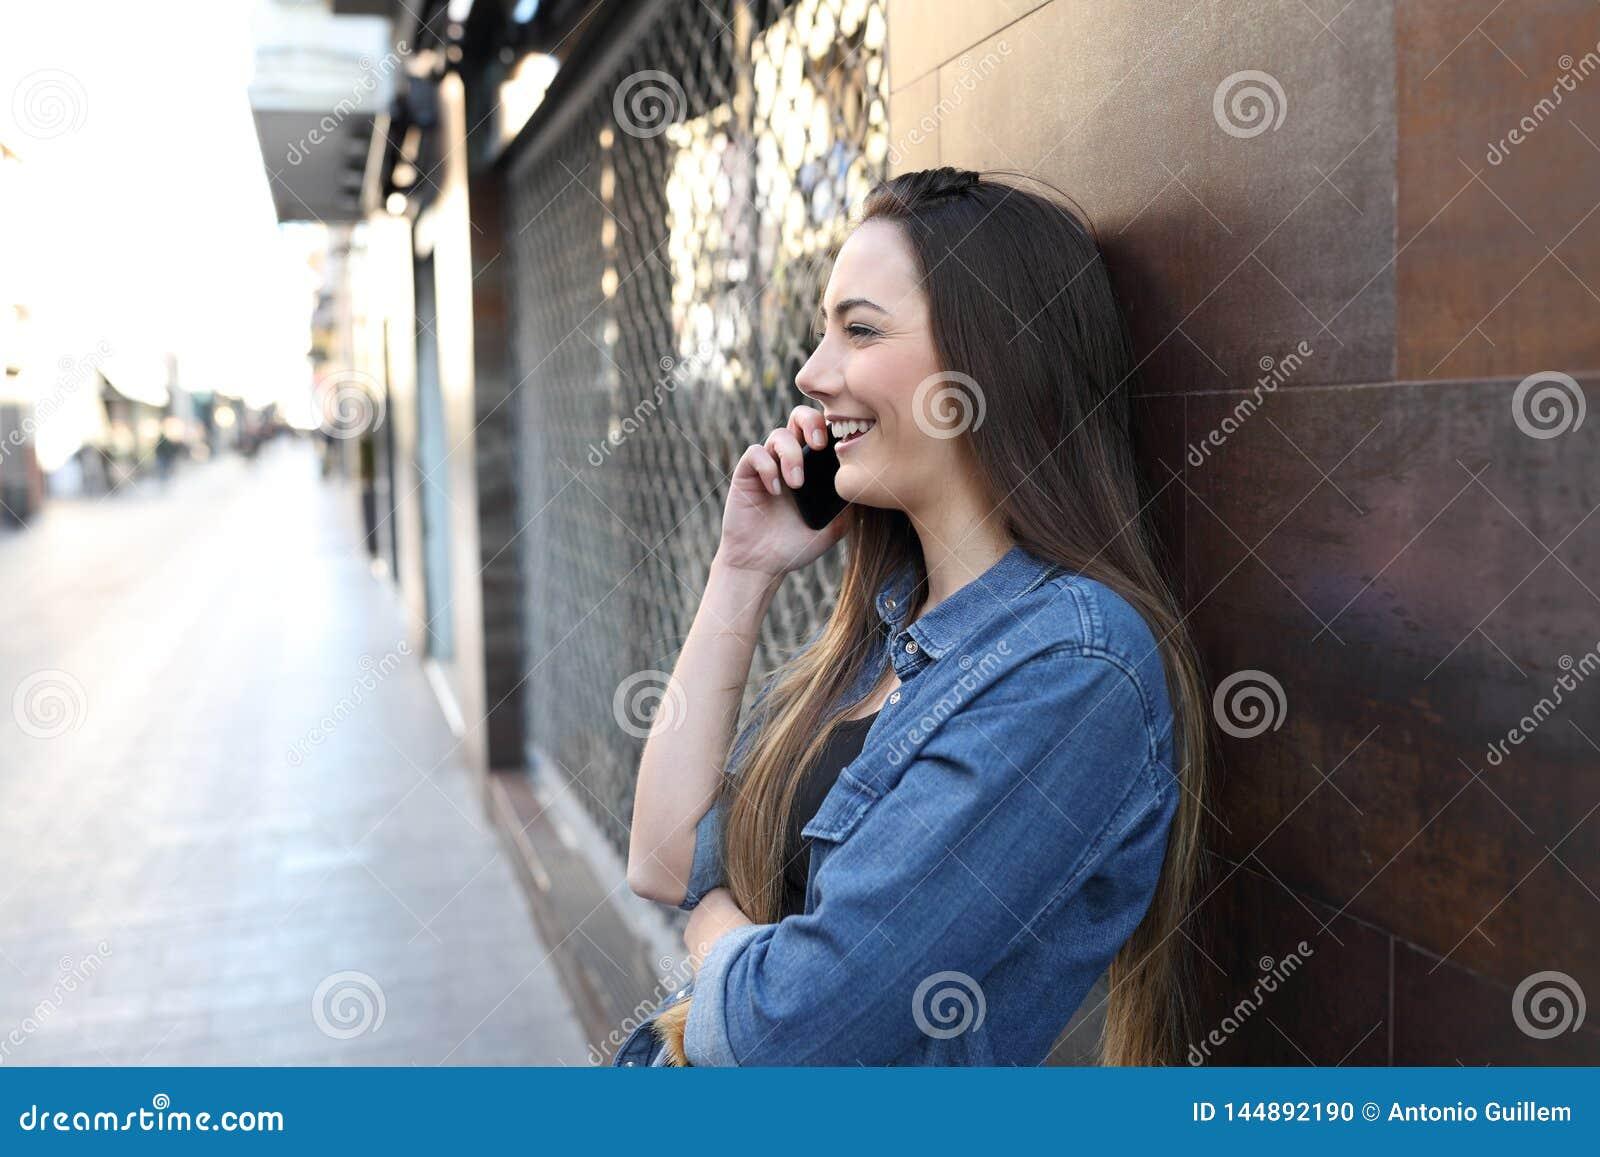 Profil heureux de fille parlant au téléphone dans la rue